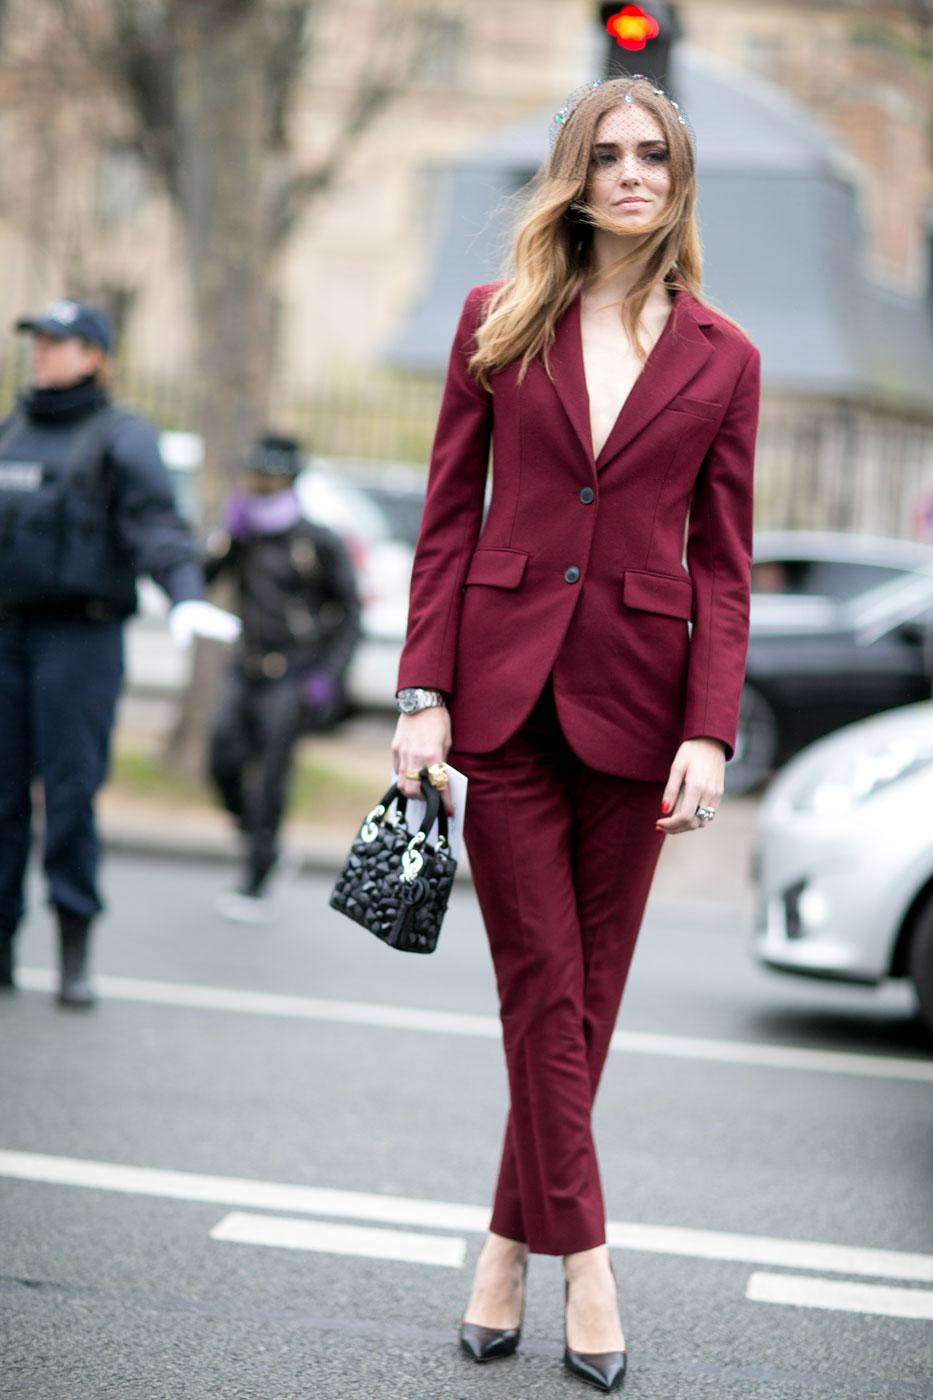 Монохромные наряды - брючный костюм ярко коричневого цвета.